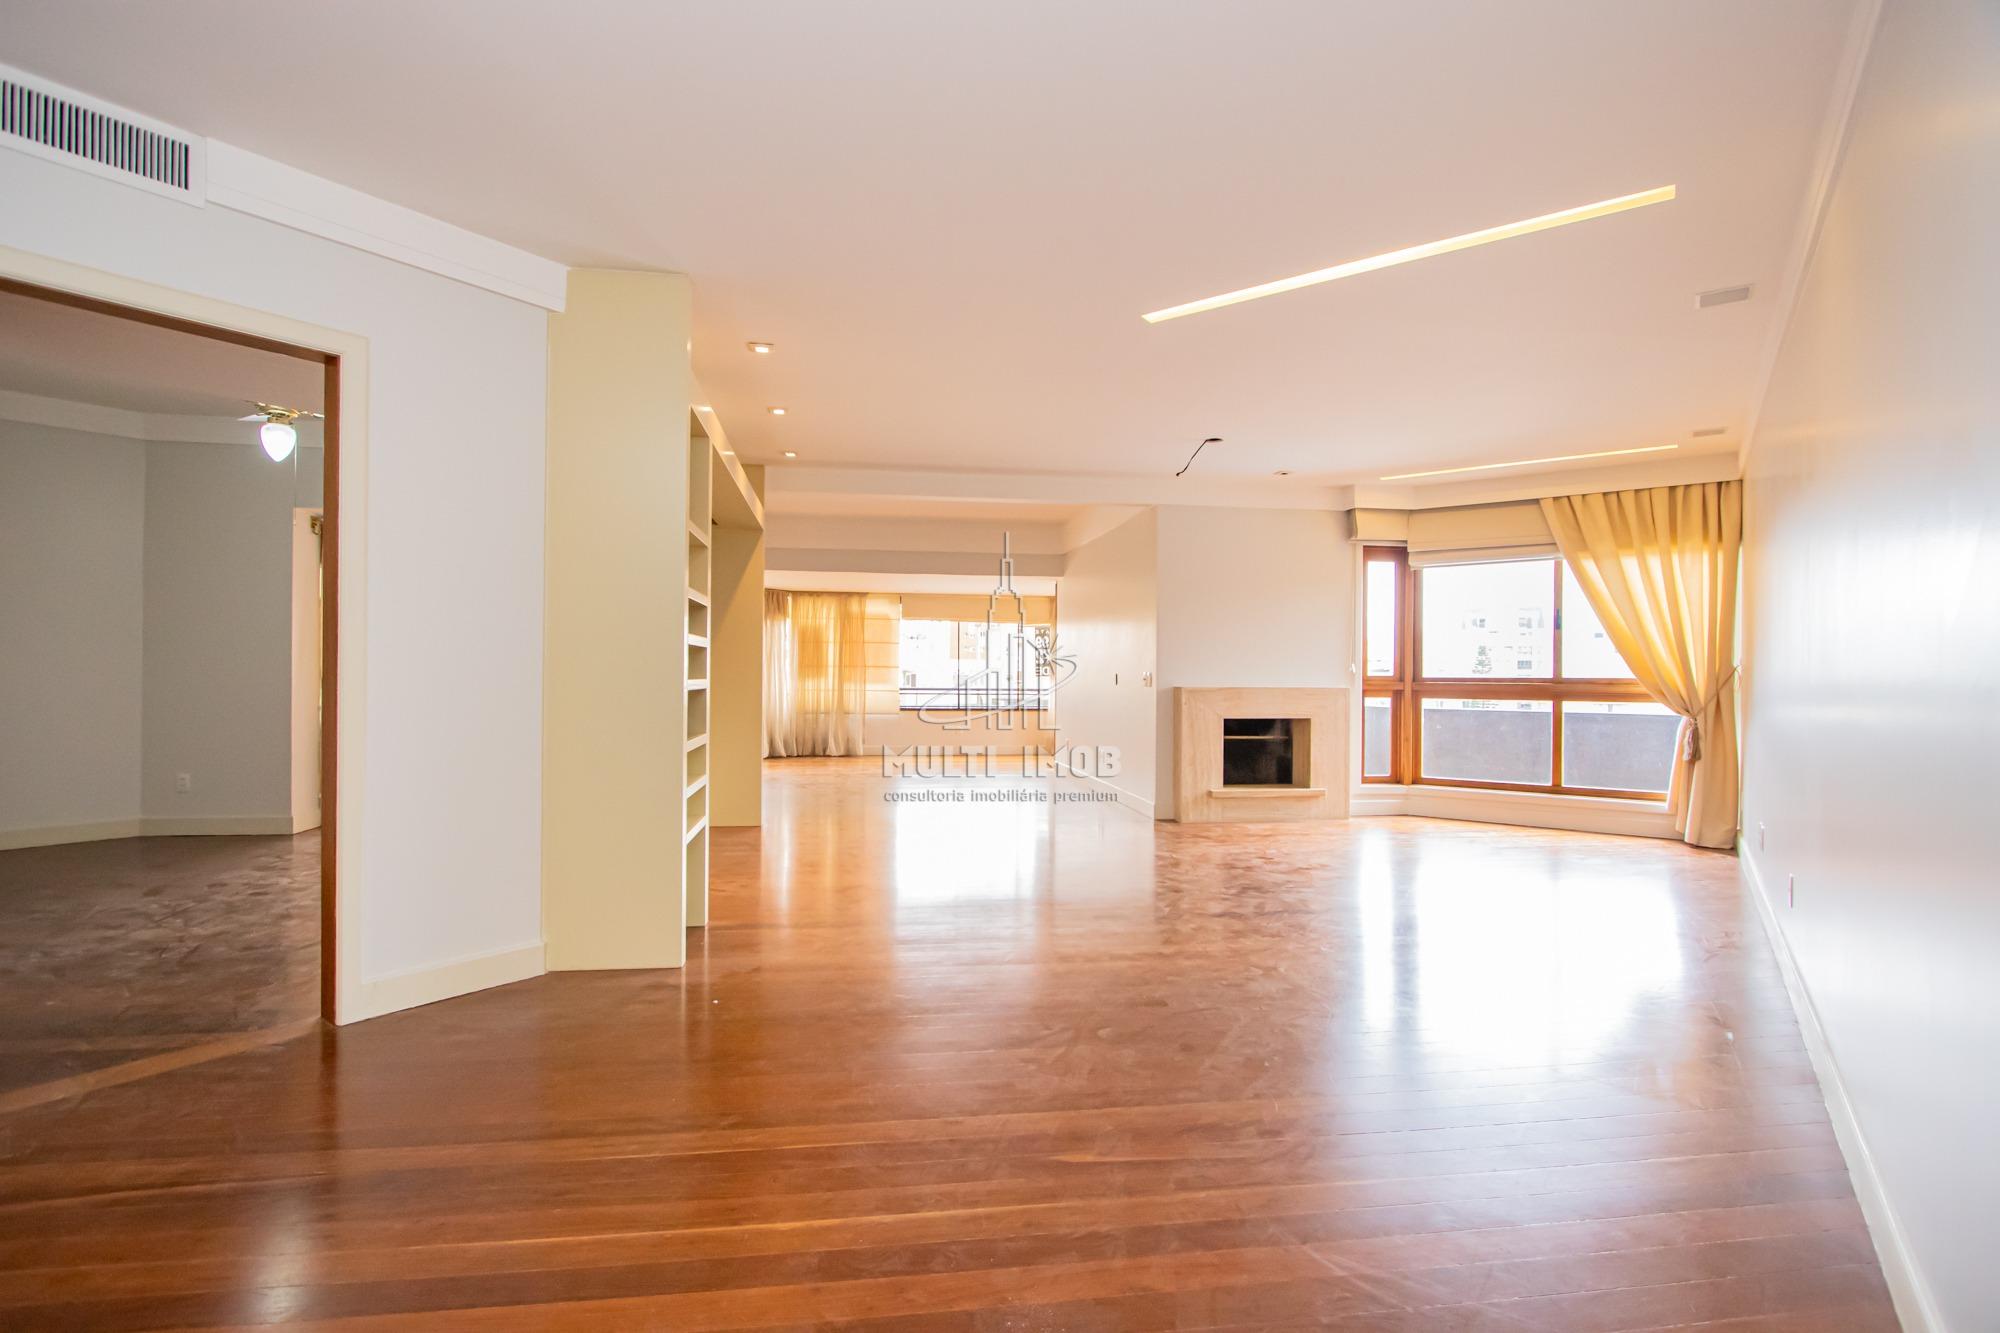 Apartamento  3 Dormitórios  1 Suíte  3 Vagas de Garagem Venda e Aluguel Bairro Bela Vista em Porto Alegre RS